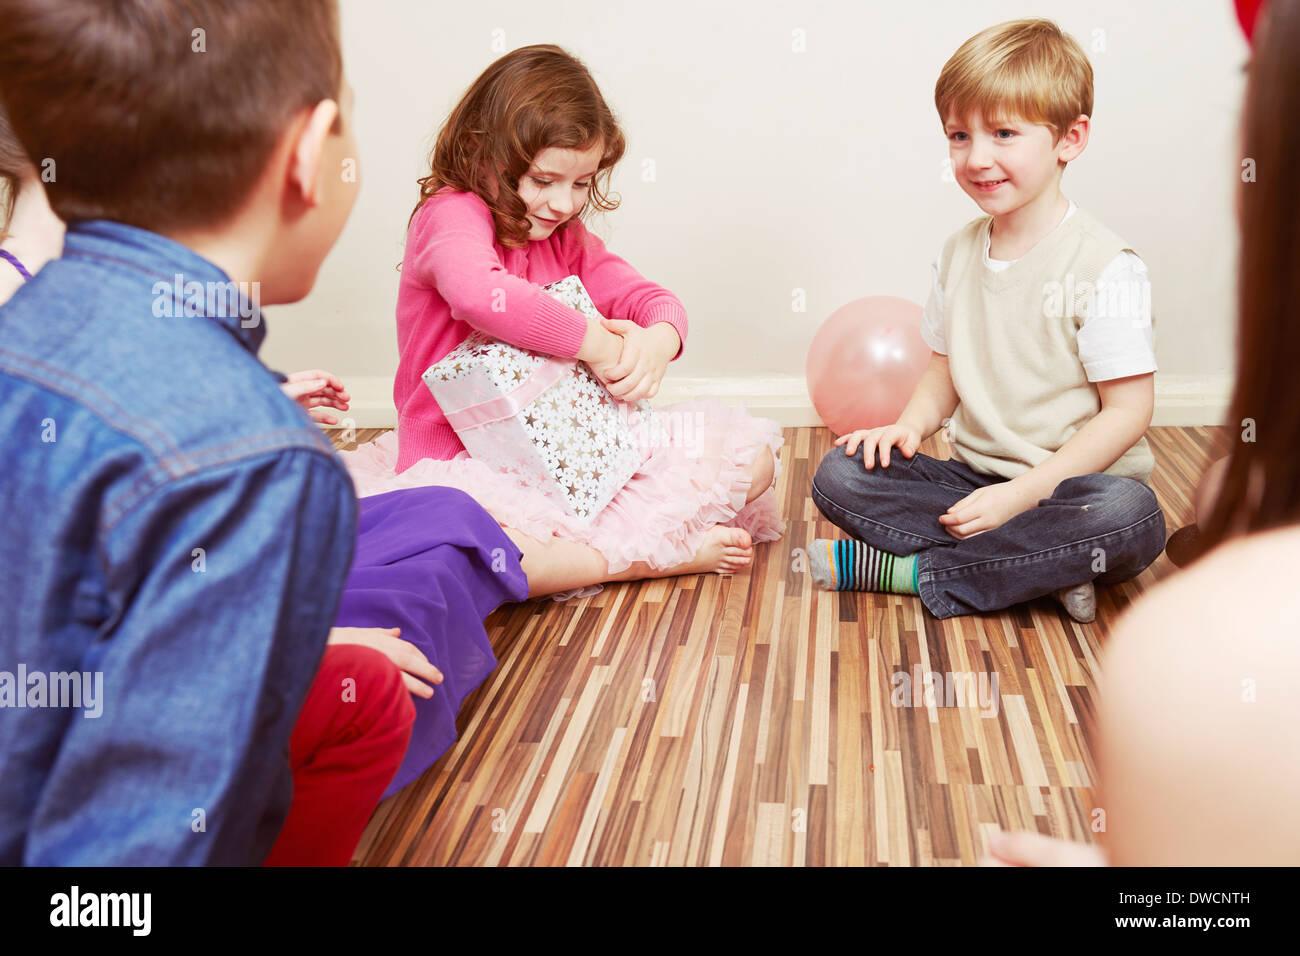 Bambini a parte, ragazza con regalo di compleanno Immagini Stock